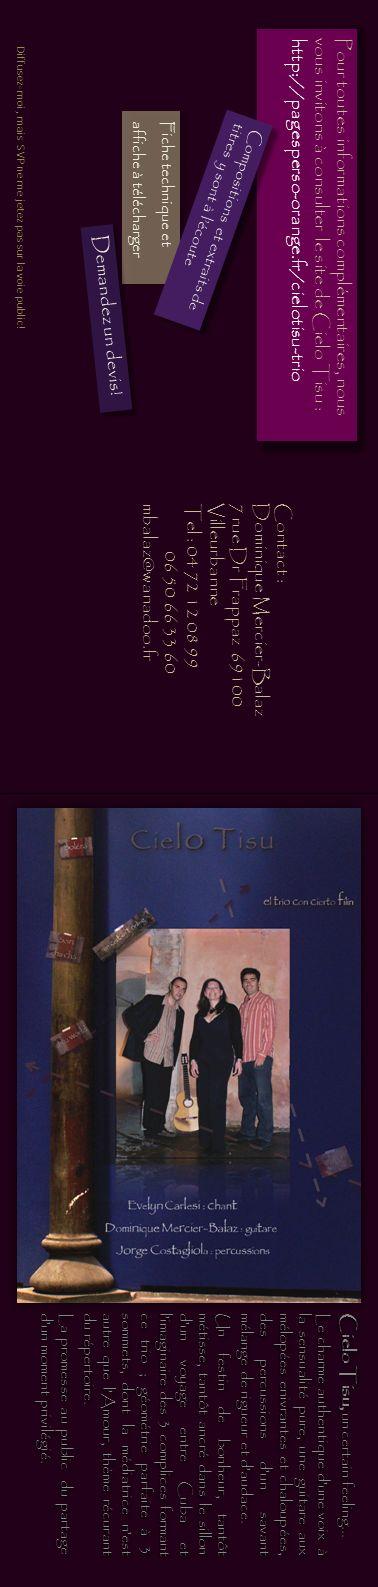 Cielo Tisu, un certain feeling… Le charme authentique dune voix à la sensualité pure, une guitare aux mélopées enivrantes et chaloupées, des percussions dun savant mélange de rigueur et daudace.